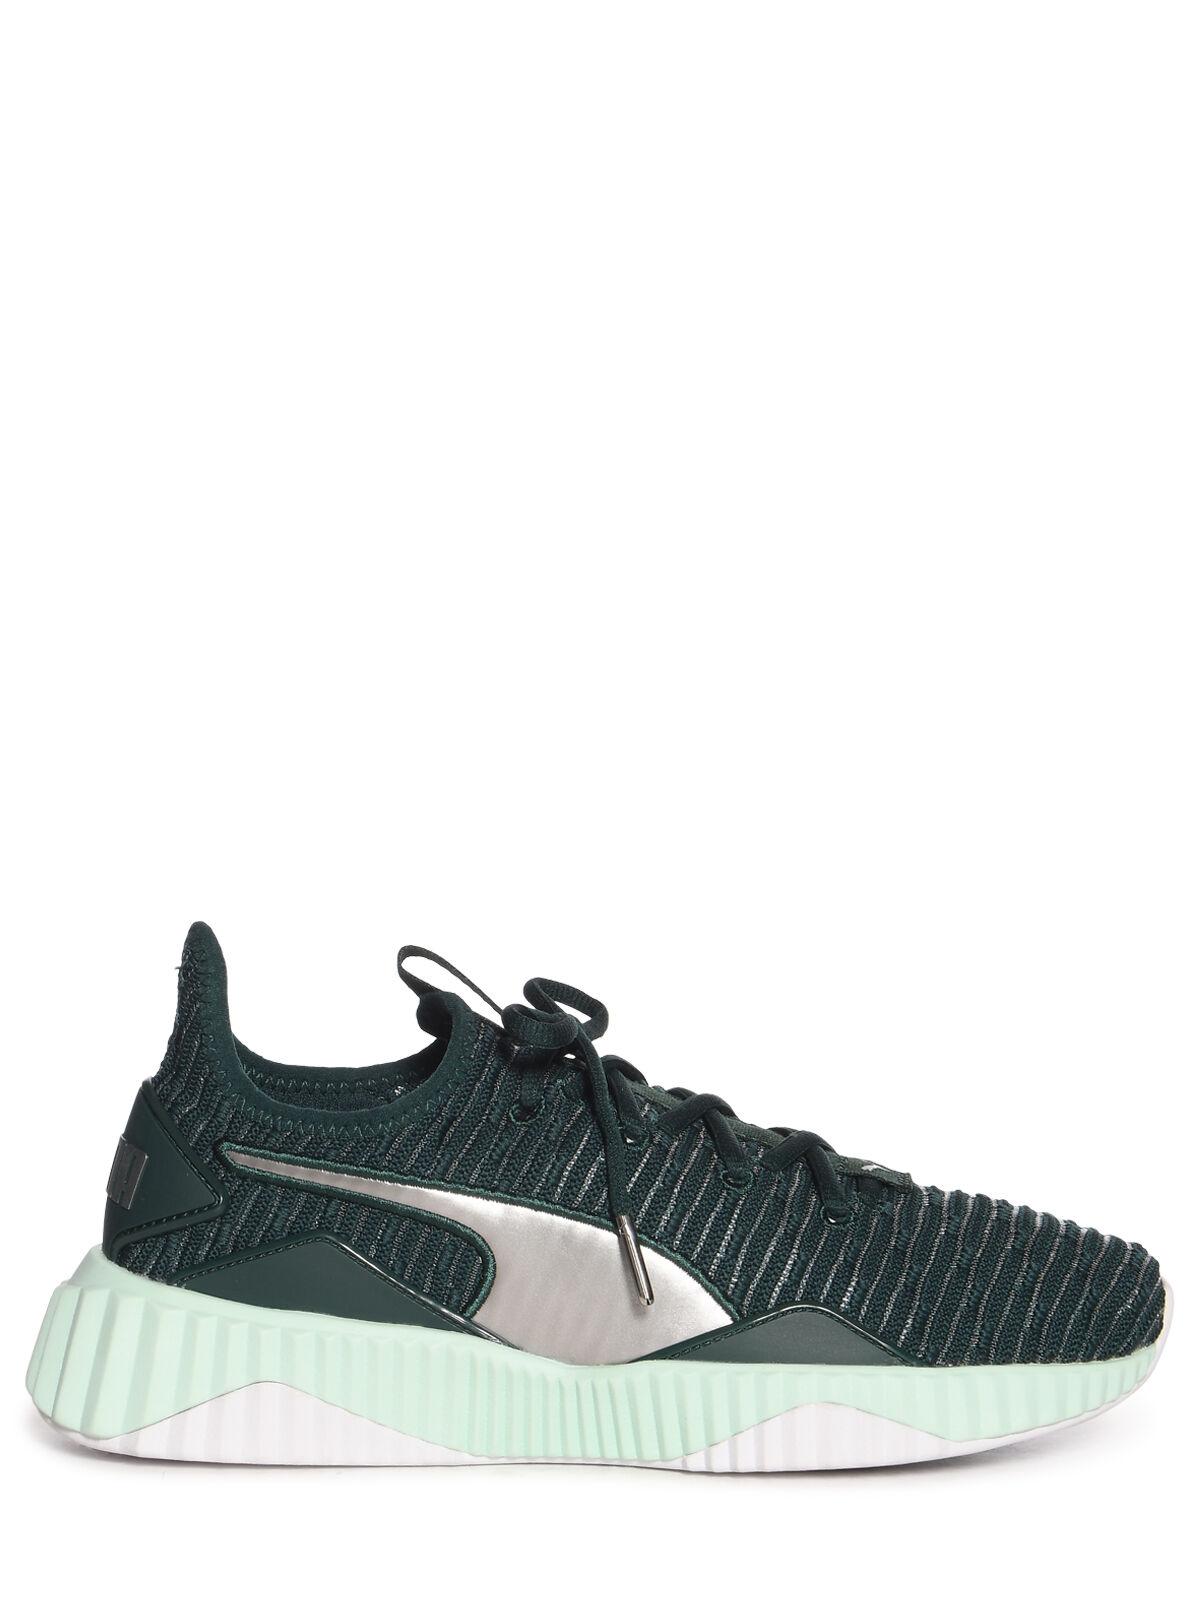 Puma Sneaker Defy TZ Wn s grün | Dress